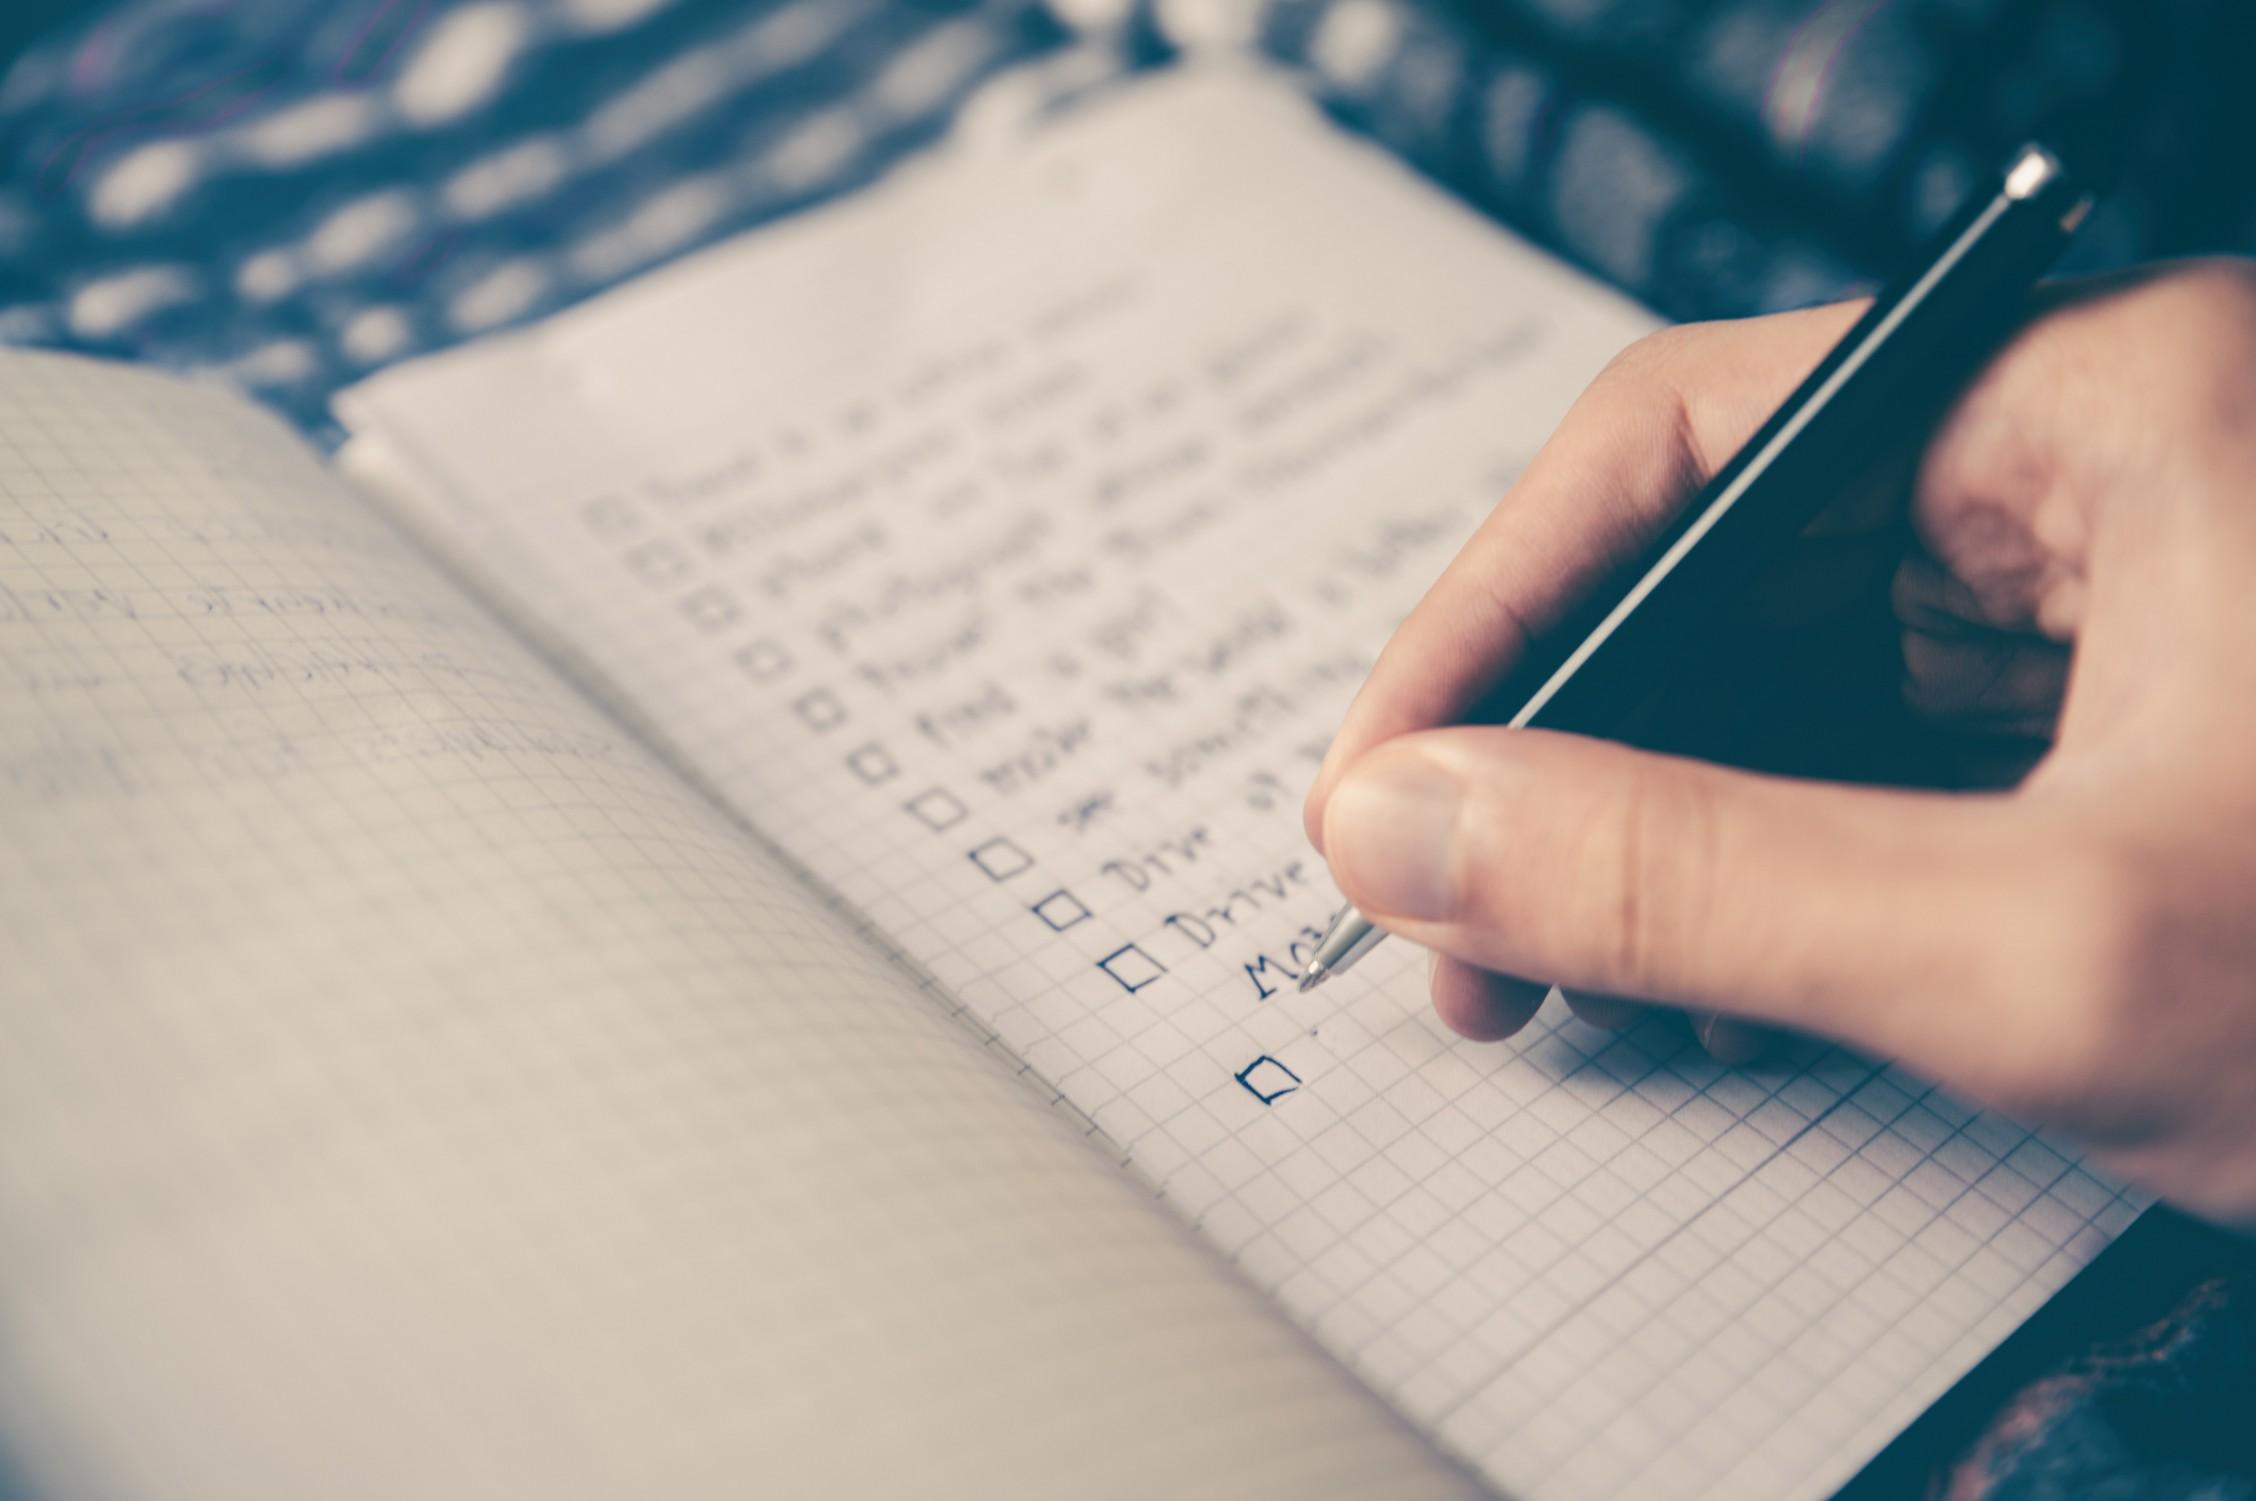 Pred spanjem napišite seznam opravil za naslednji dan.